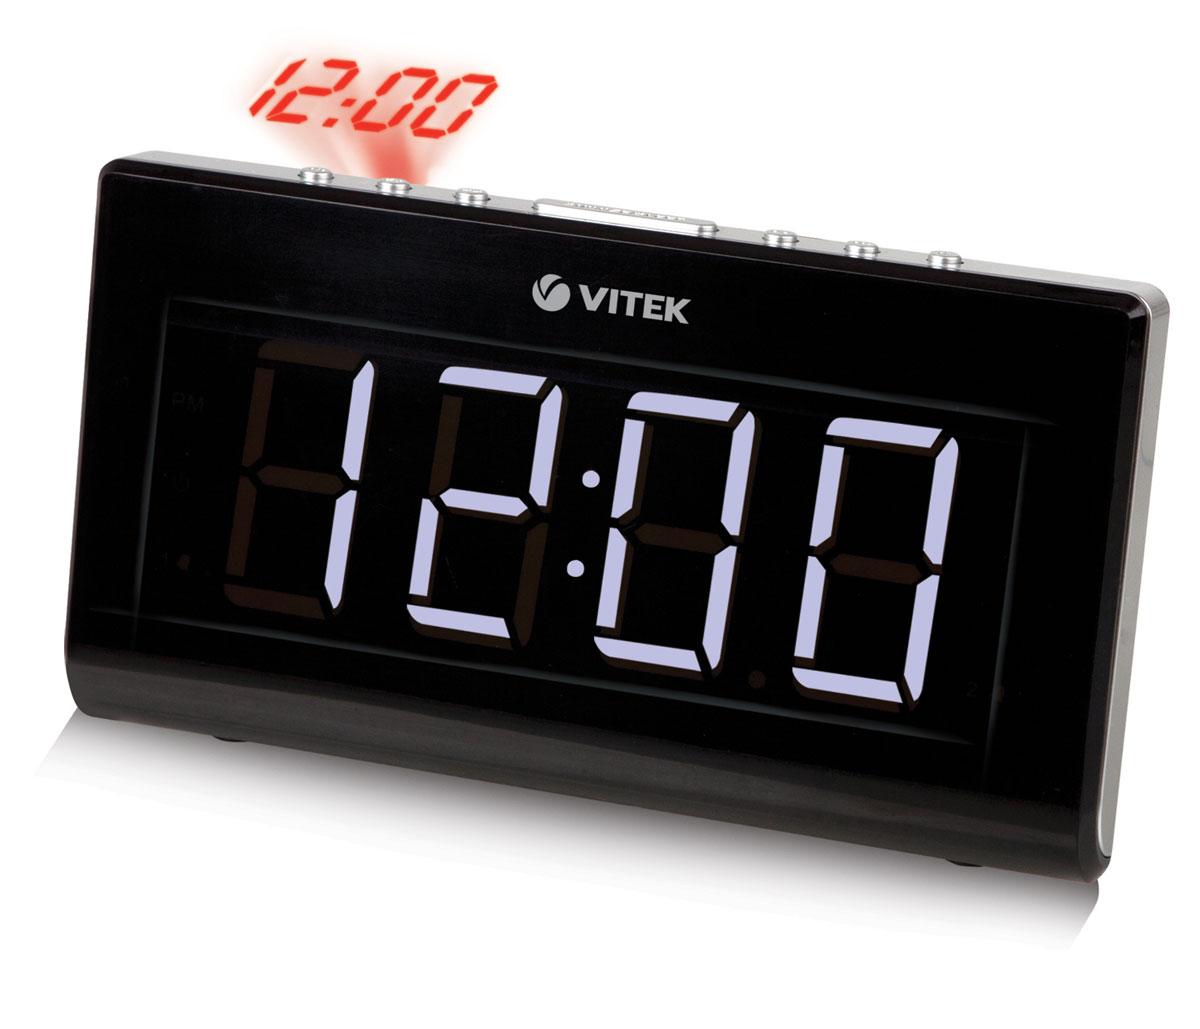 Vitek VT-3517, Black радиочасыVT-3517(BK)Радиобудильник Vitek VT-3523. Диапазон частот FM 64 -108 МГц Кнопка короткого сна Дисплей 1,8 Таймер отключения